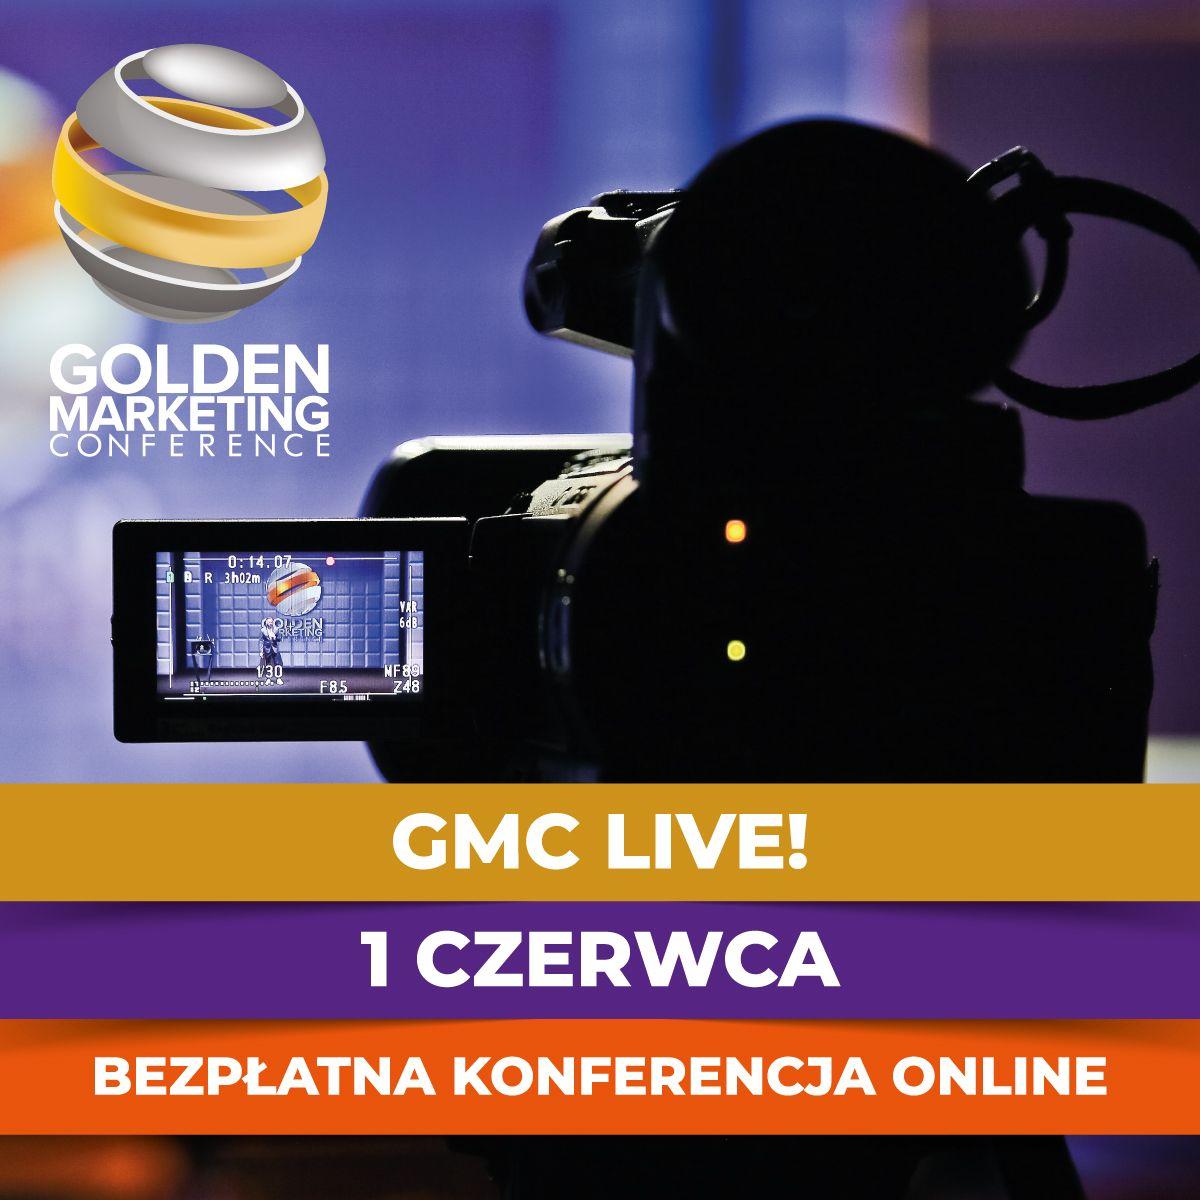 Golden Marketing Conference bezpłatnie w internecie!